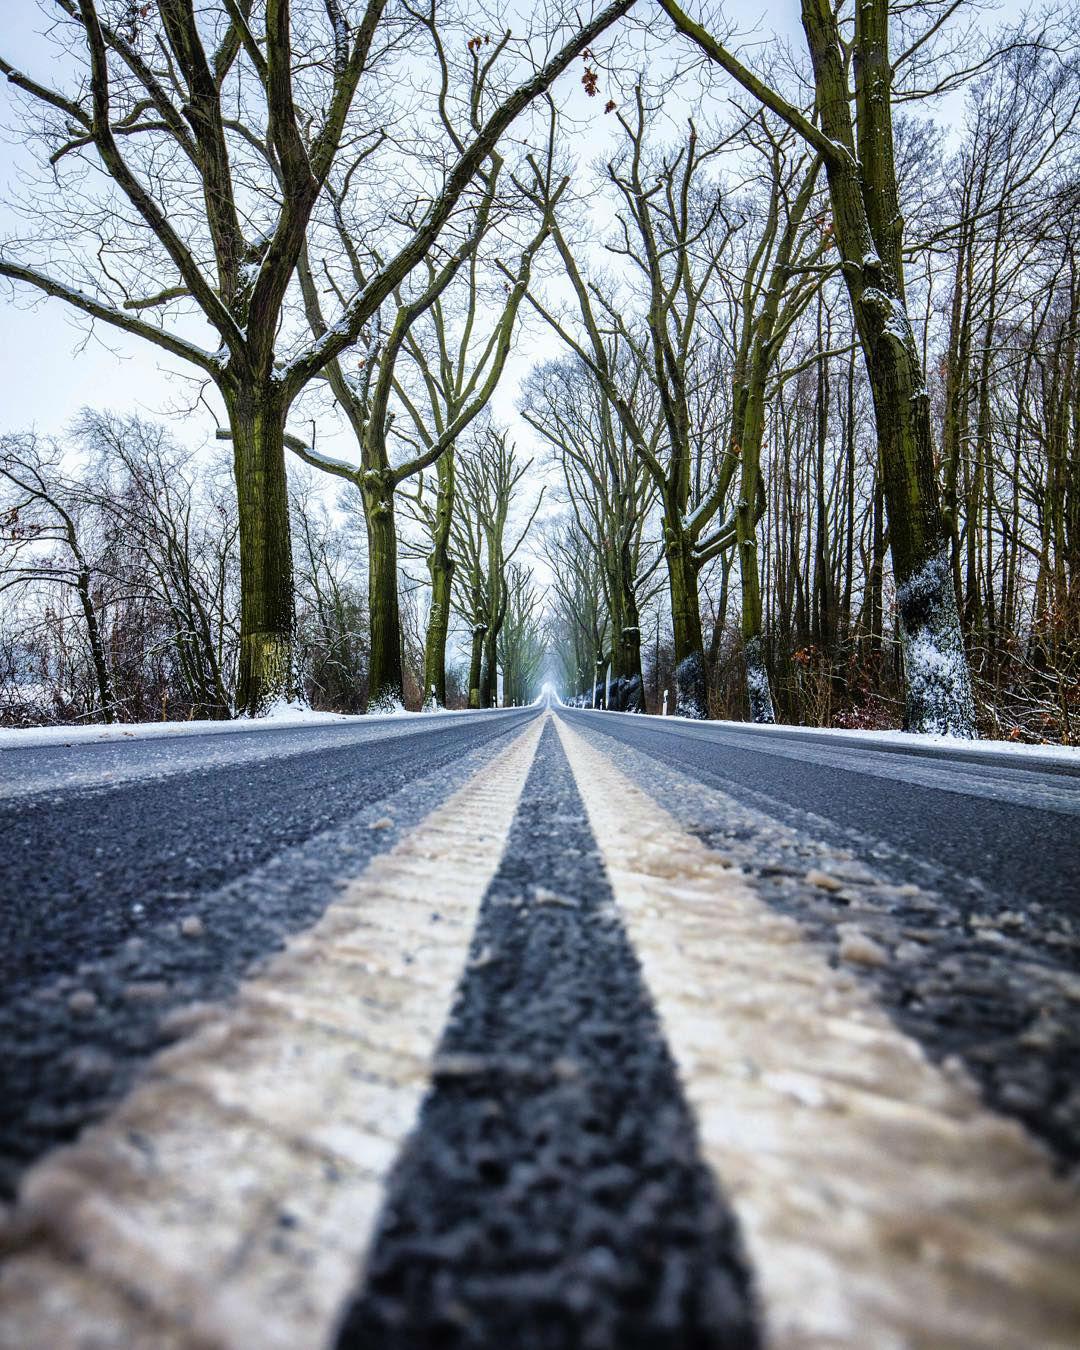 viaje alrededor del mundo con fotografías de paisajes surreales Jacob Riglin 008